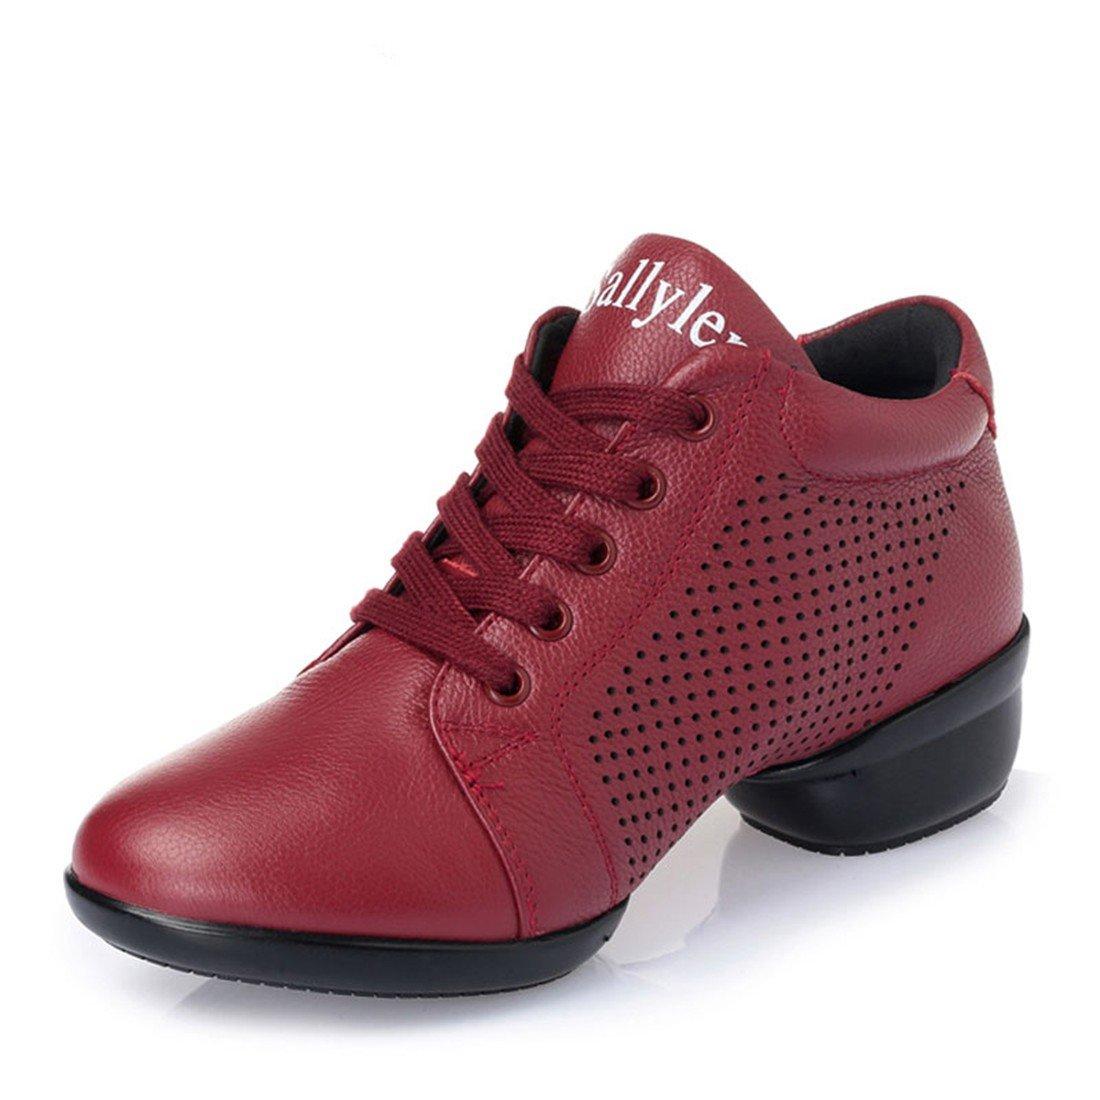 WXMDDN Das Mädchen Marine Mann Dance Dance Dance Schuhe rote Schuhe atmungsaktiv unten Dance Schuhe Vier Jahreszeiten B0787XNNV2 Tanzschuhe Vollständige Spezifikationen 43dd28